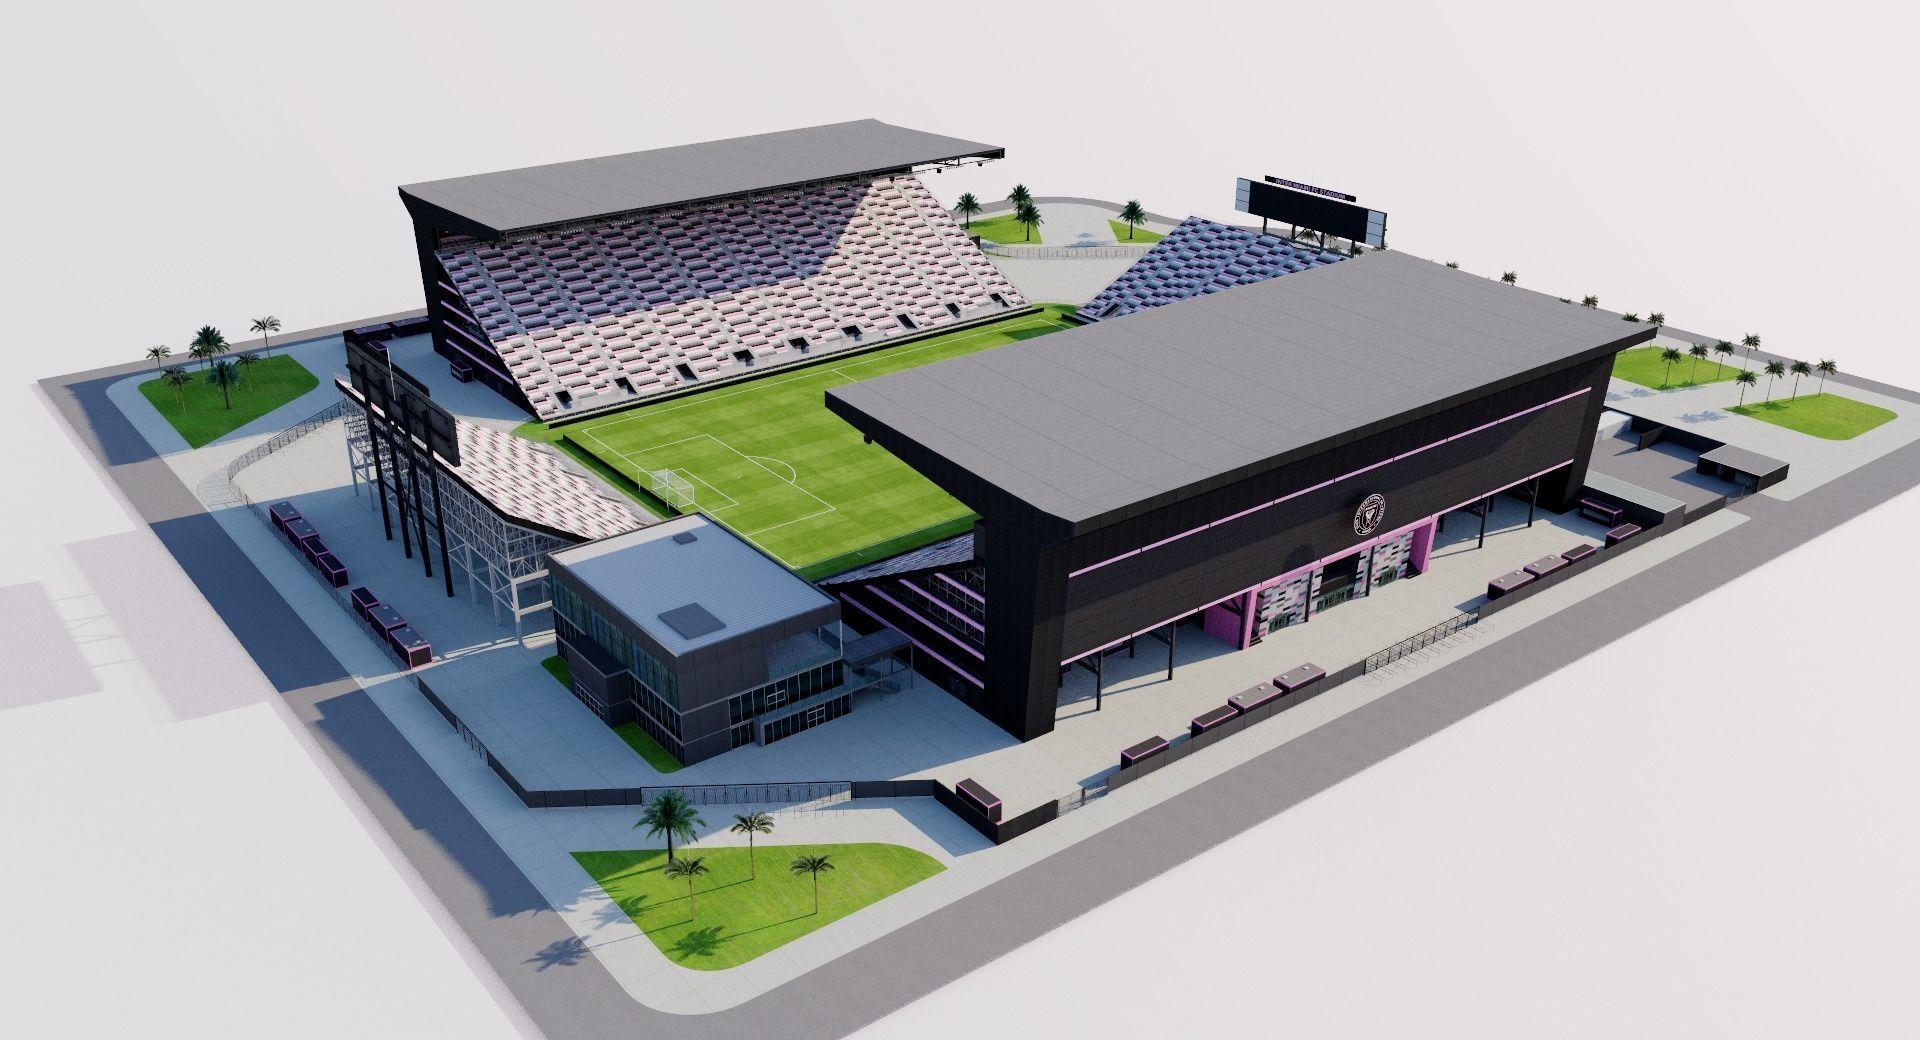 New Lockhart Stadium - Inter Miami CF USA